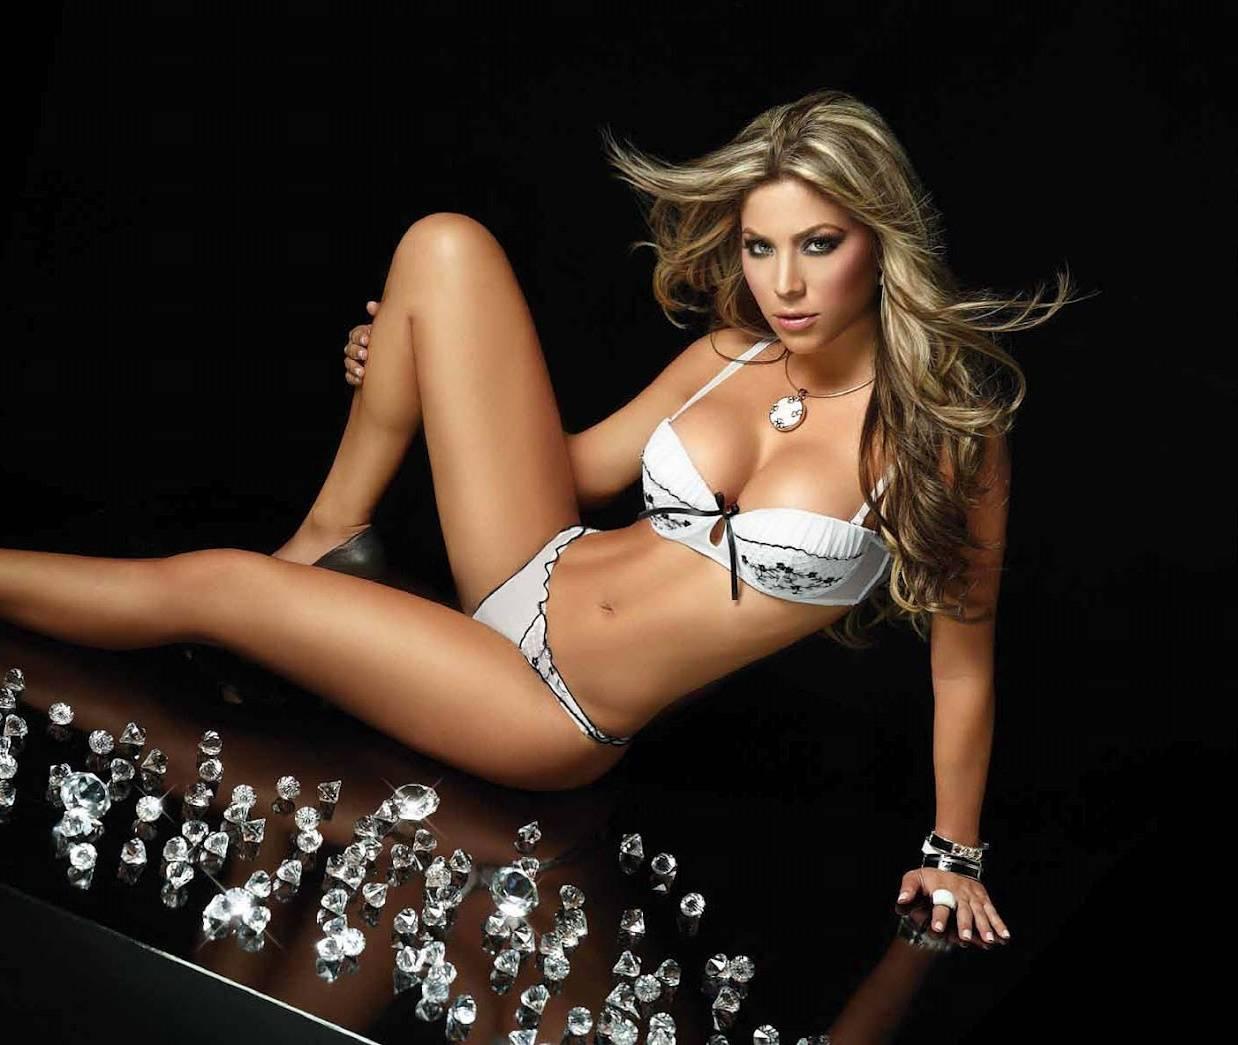 Daniela T diamonds